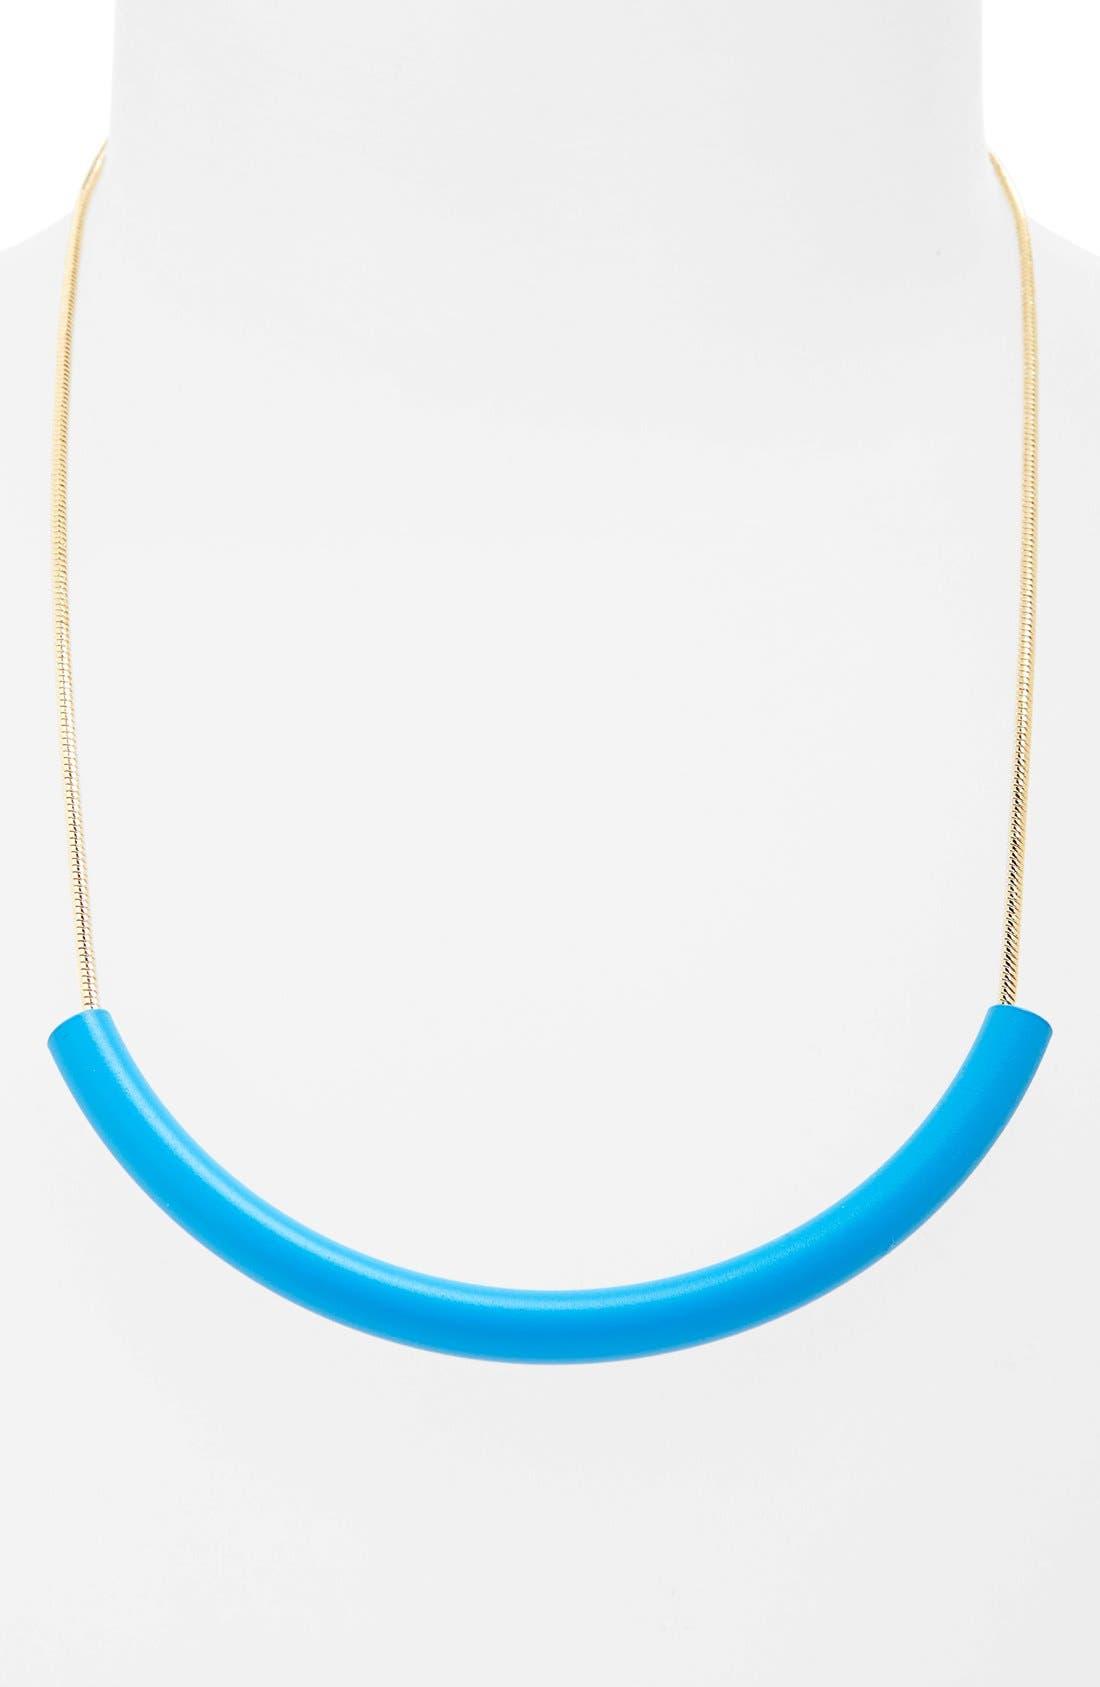 Main Image - ZENZII Tube Necklace